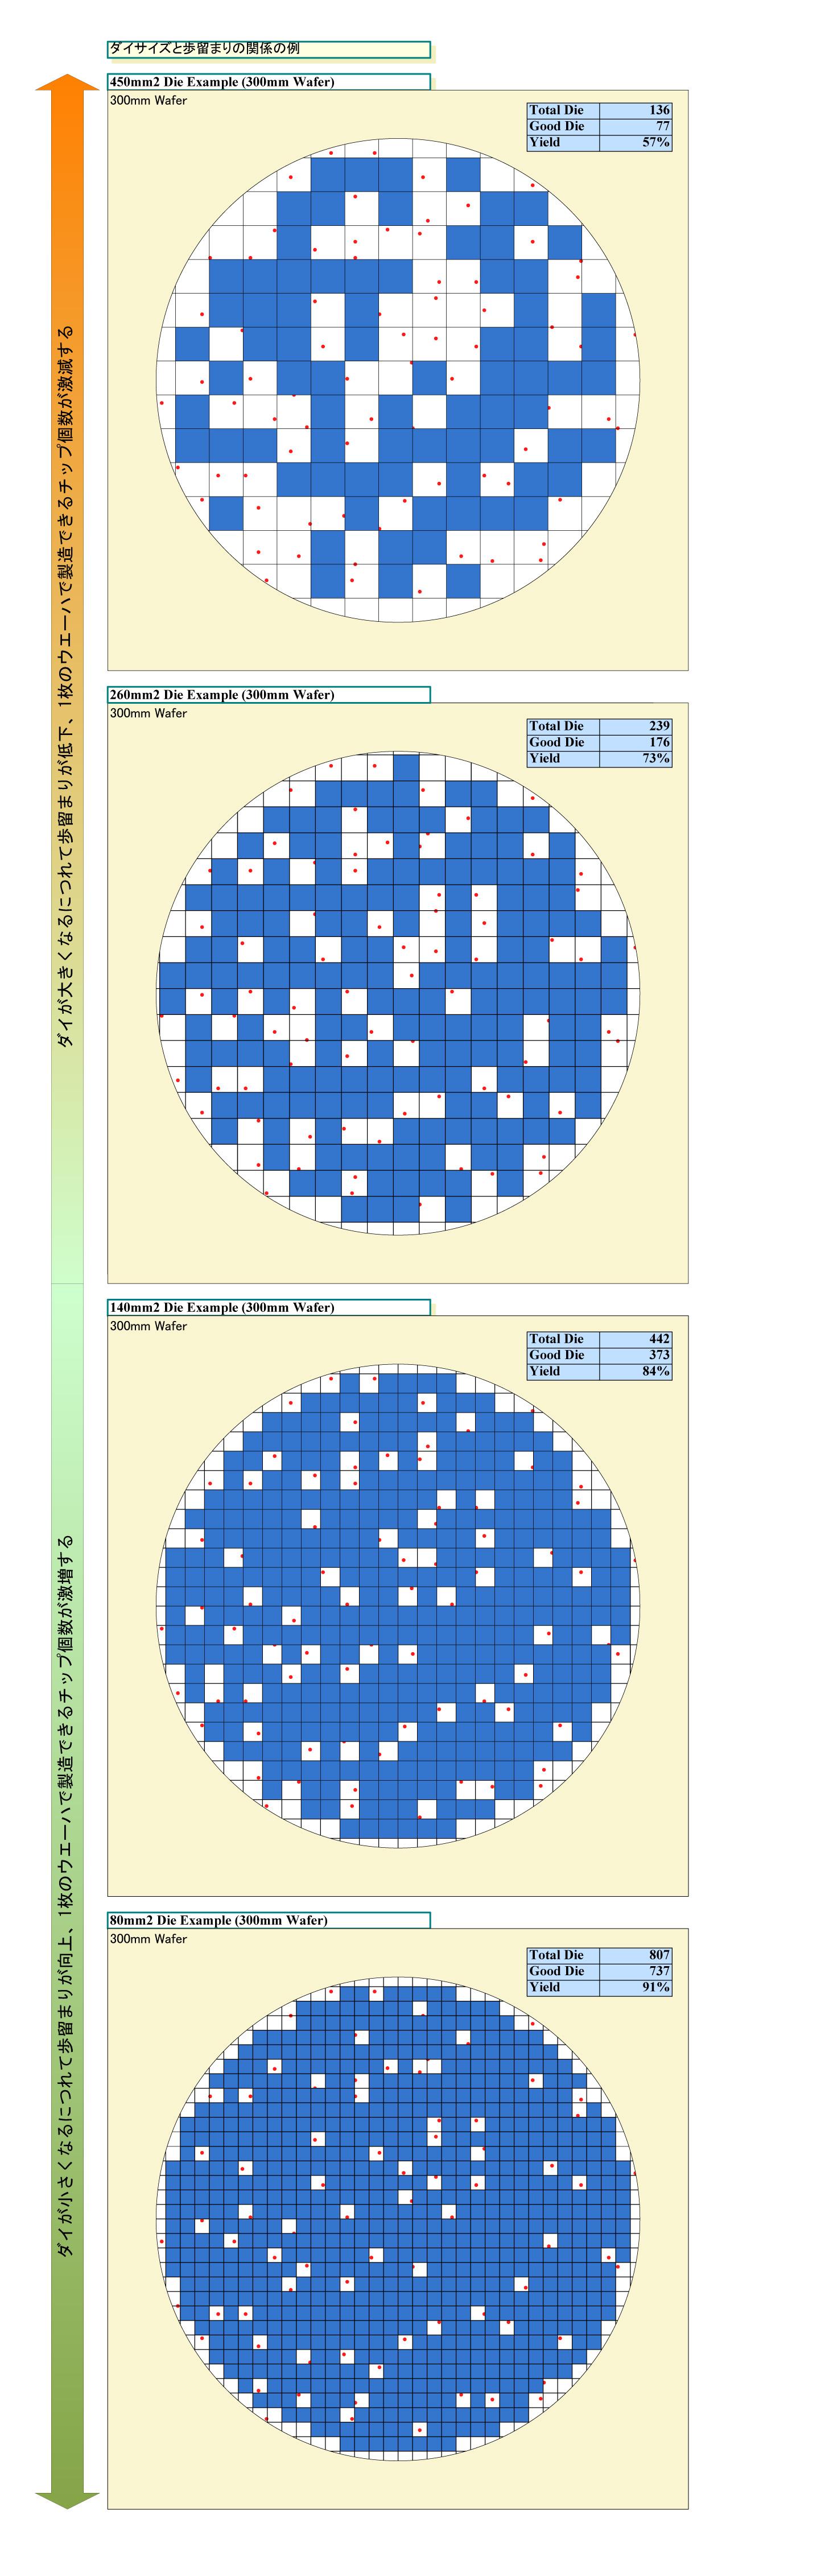 """ダイサイズの比較<br class="""""""">PDF版は<span class=""""img-inline raw""""><a href=""""/video/pcw/docs/591/173/p6.pdf"""" ipw_status=""""1"""" ipw_linktype=""""filelink_raw"""" class=""""resource"""">こちら</a></span>"""